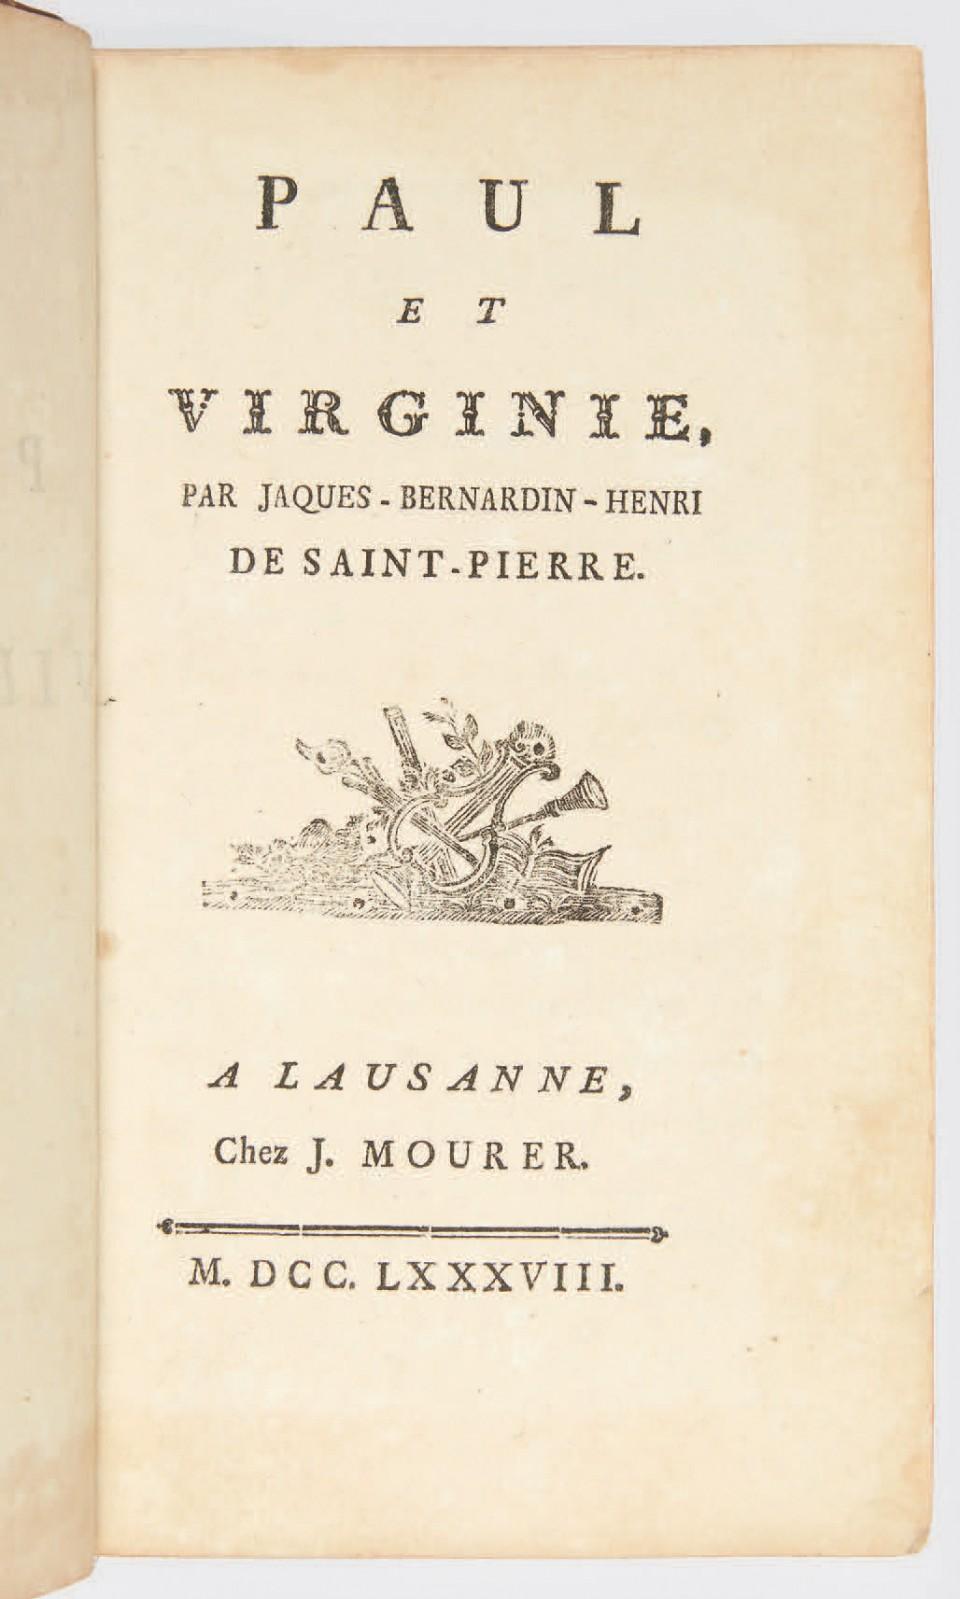 bernardin-de-saint-pierre-jacques-henri-paul-et-virginie-lausanne-chez-j-mourer-1788--190